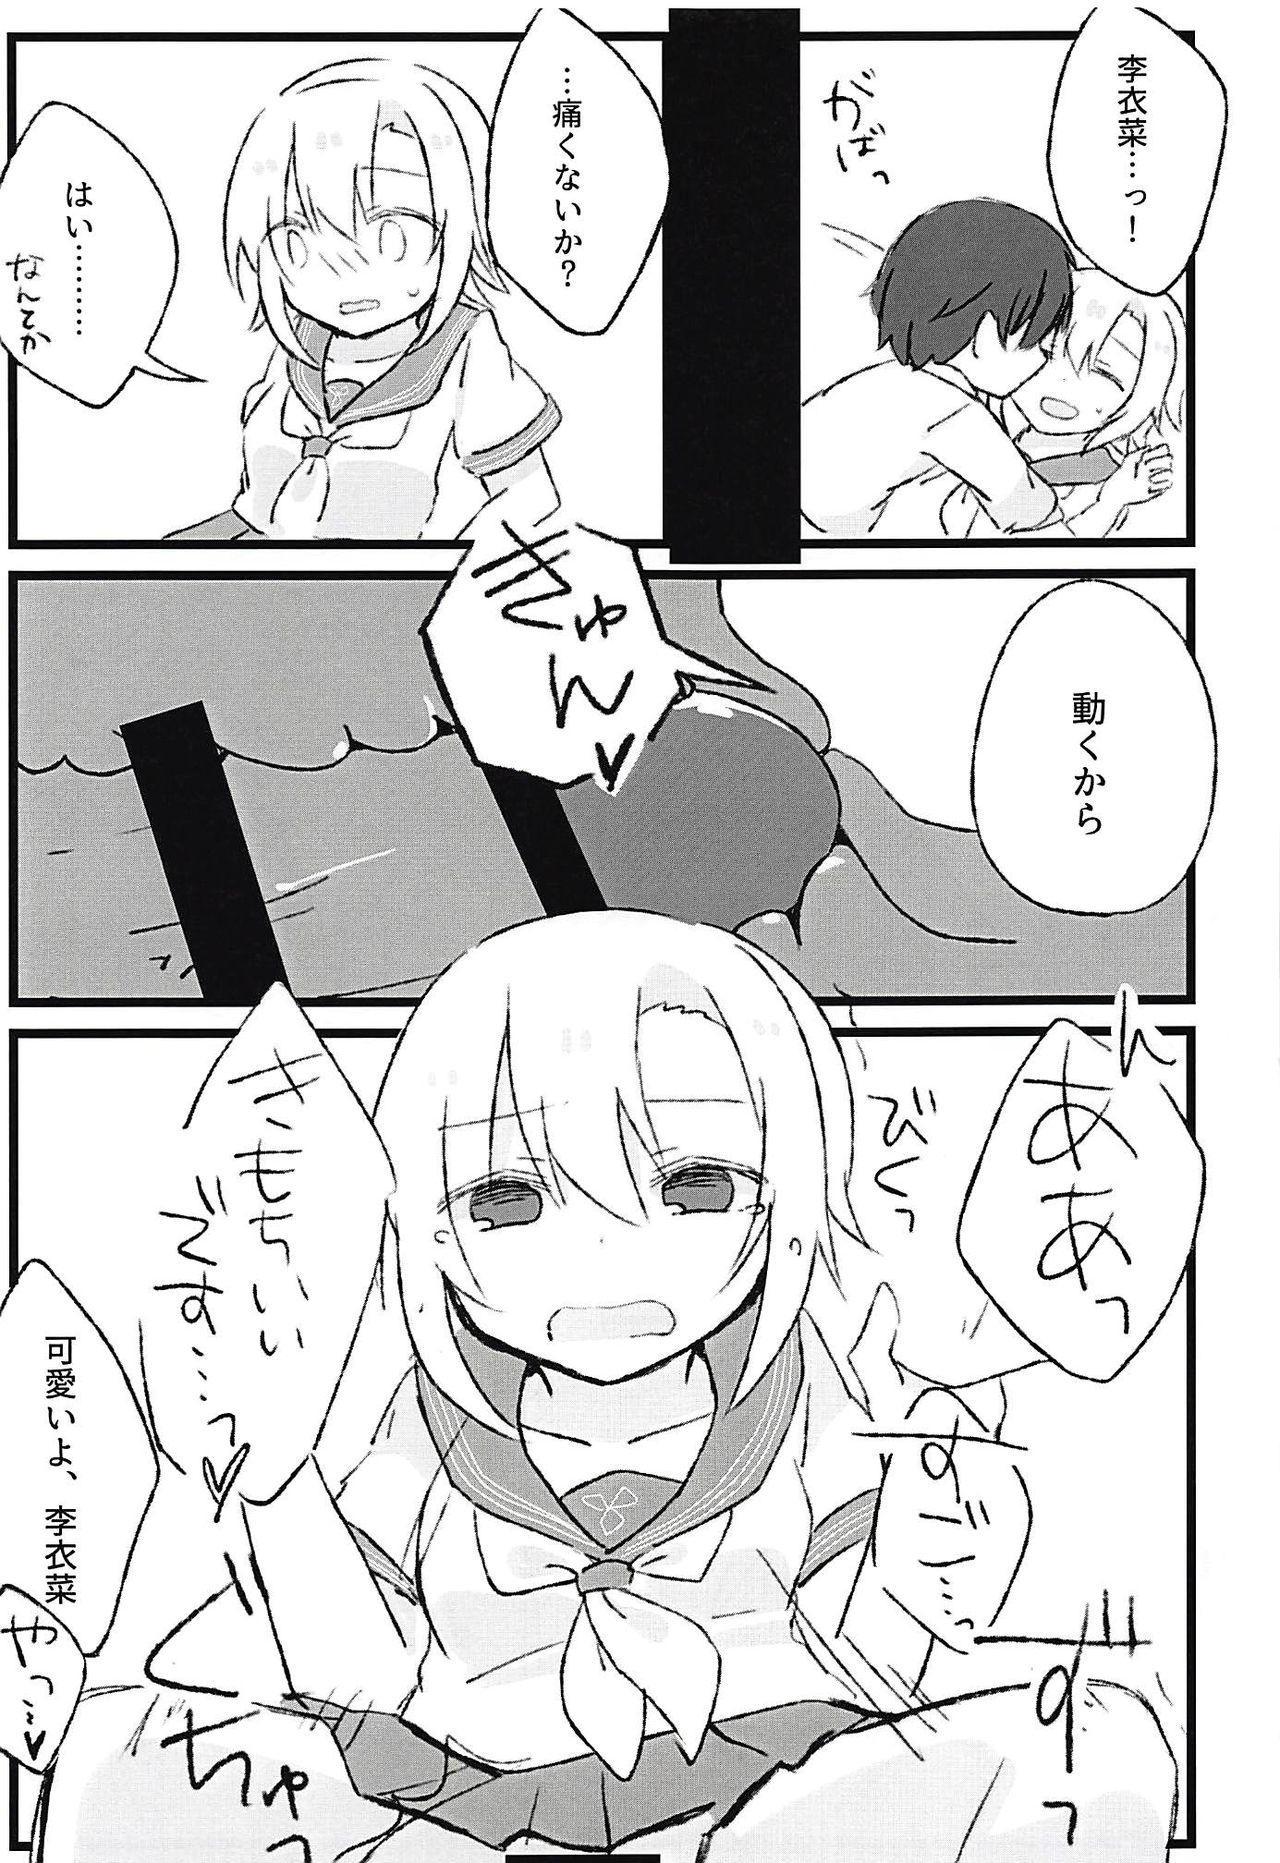 Seifuku Riina to Ecchi na Koto ga Shitai 7